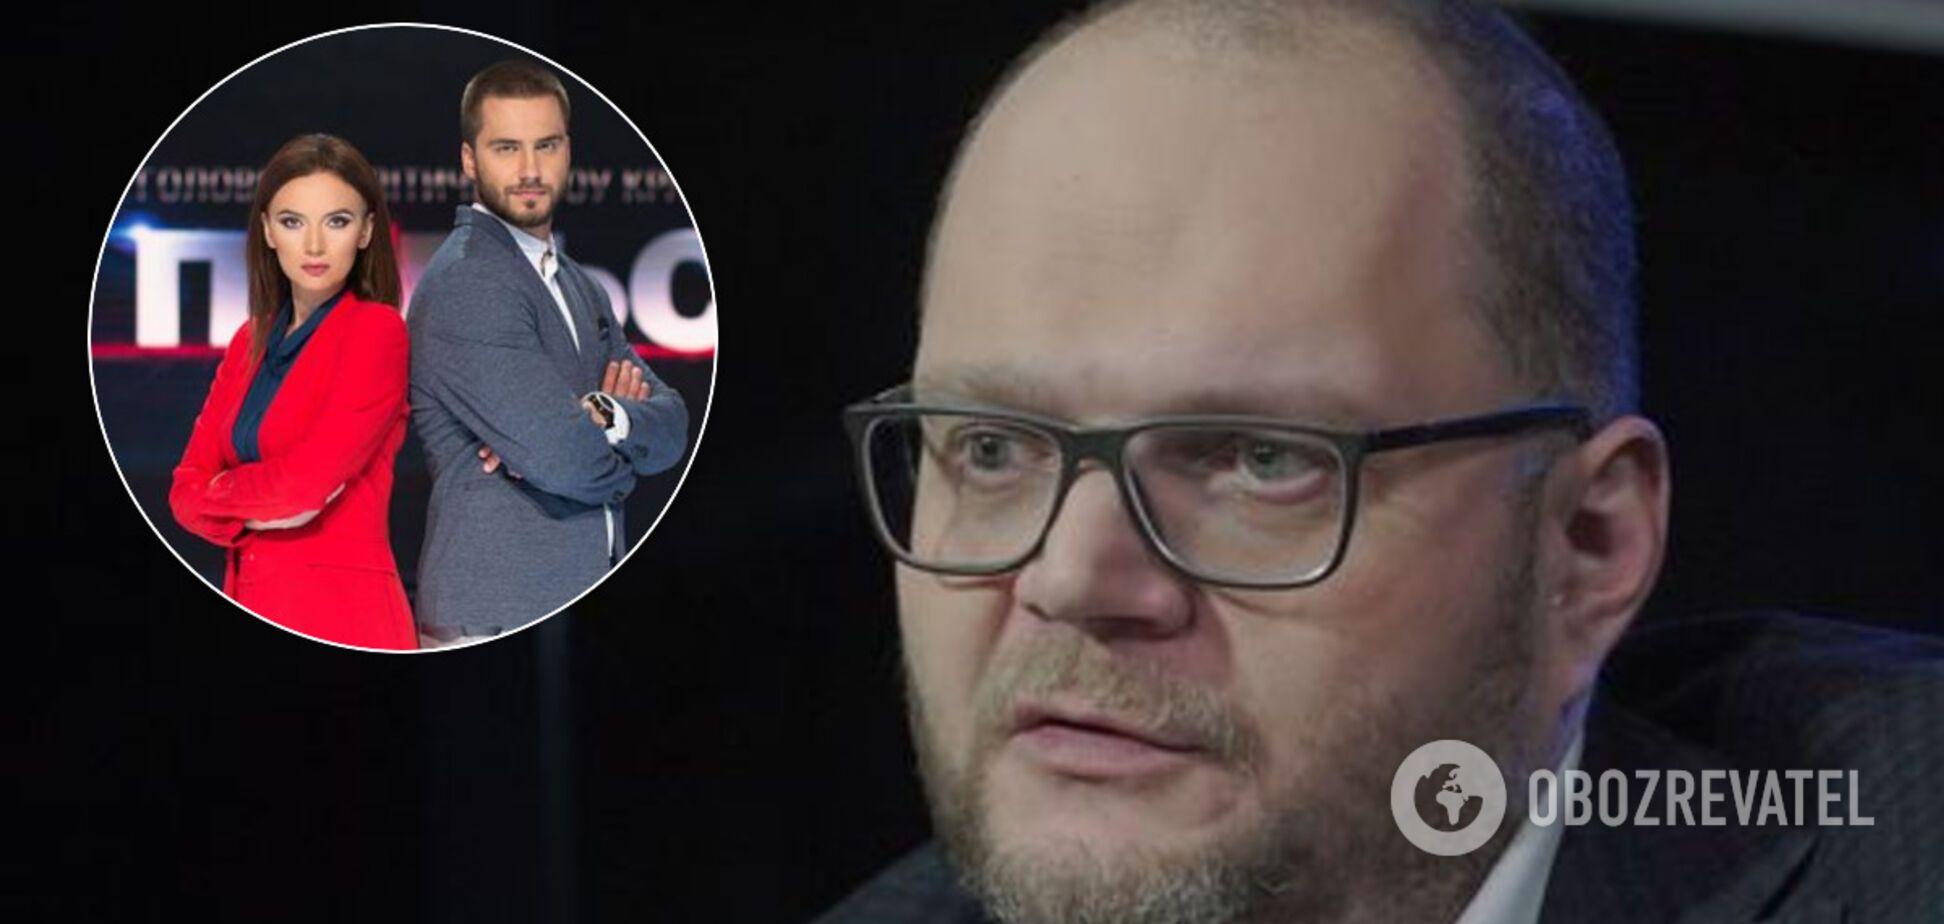 Бородянский открестился от скандала с ведущими '112 Украина' на канале для ОРДЛО